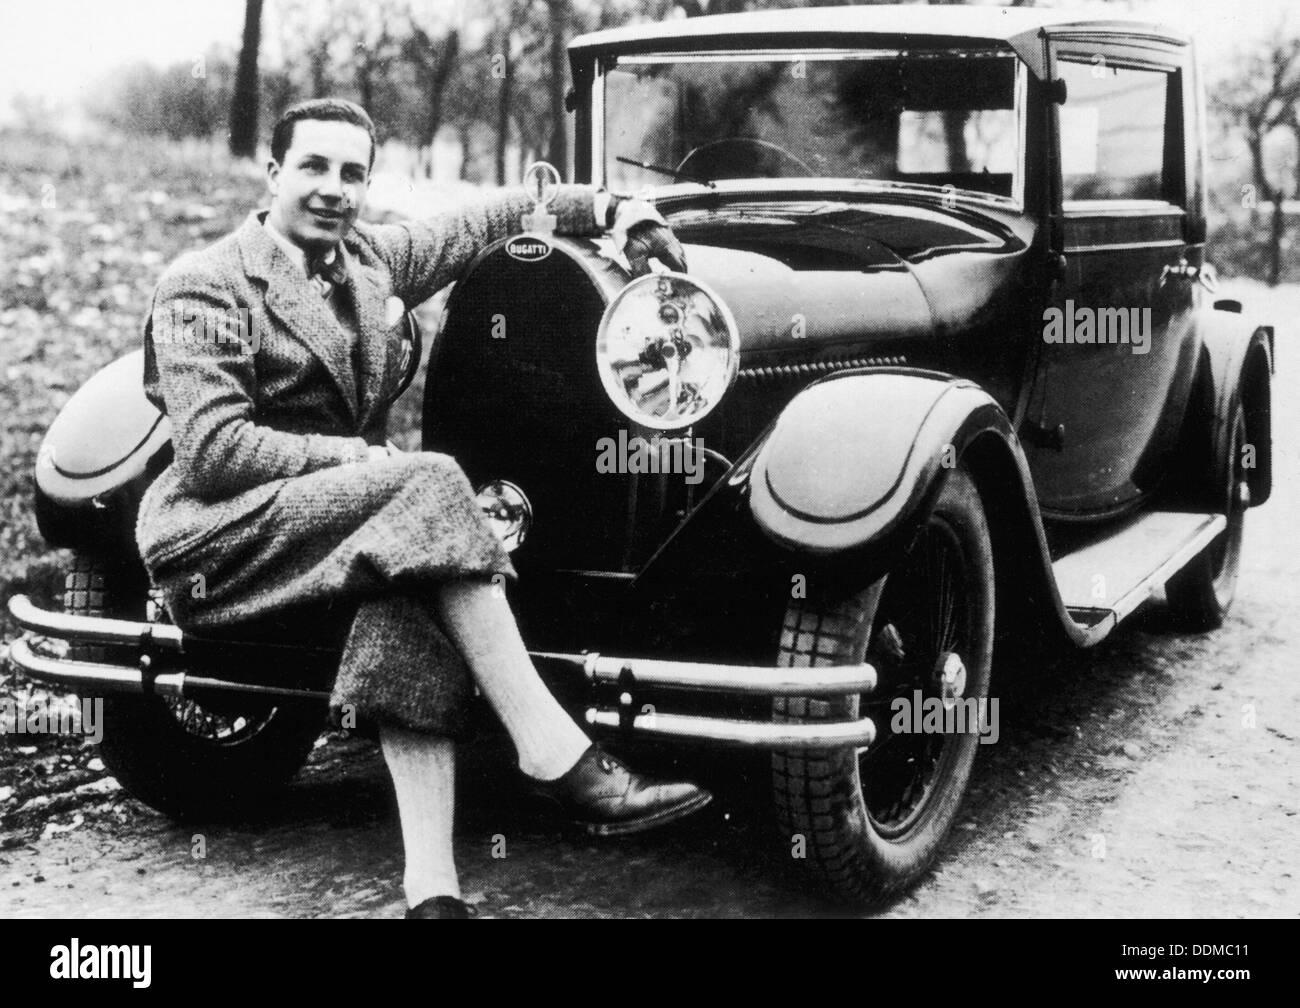 Jean Bugatti pictured with a Bugatti car, 1930s. - Stock Image